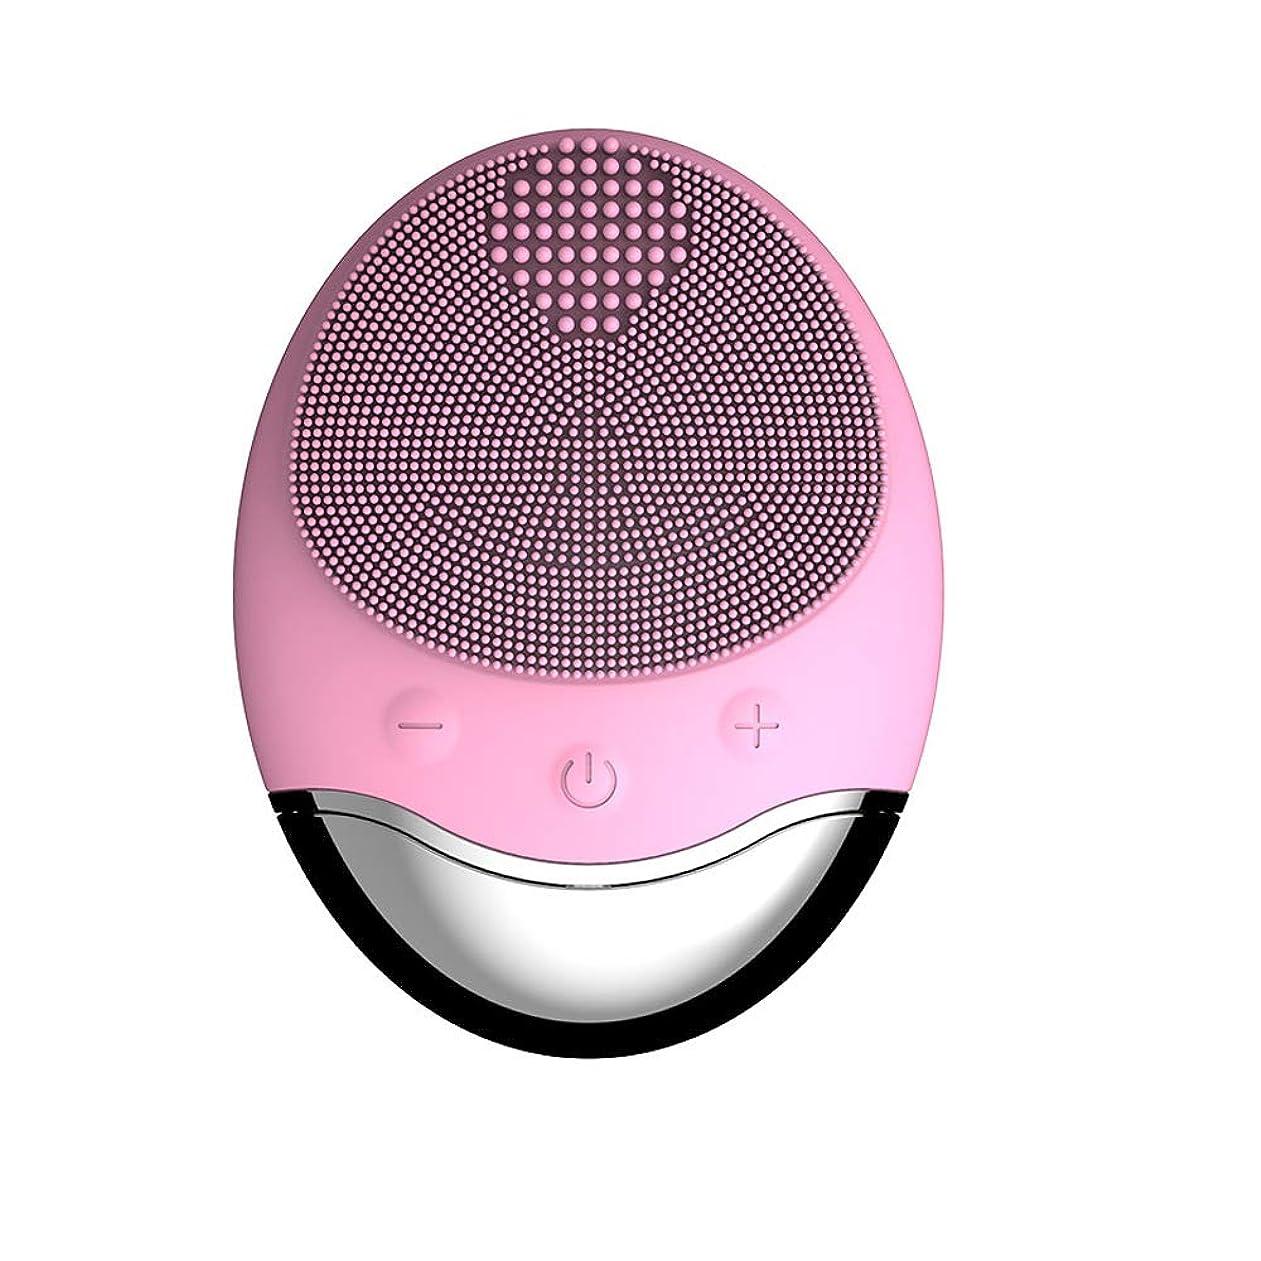 ギャングスターワークショップ覗くフェイシャルクレンジングブラシ、シリコンワイヤレス充電振動フェイス剥離ブラシ防水マッサージャーすべての肌タイプ,Pink